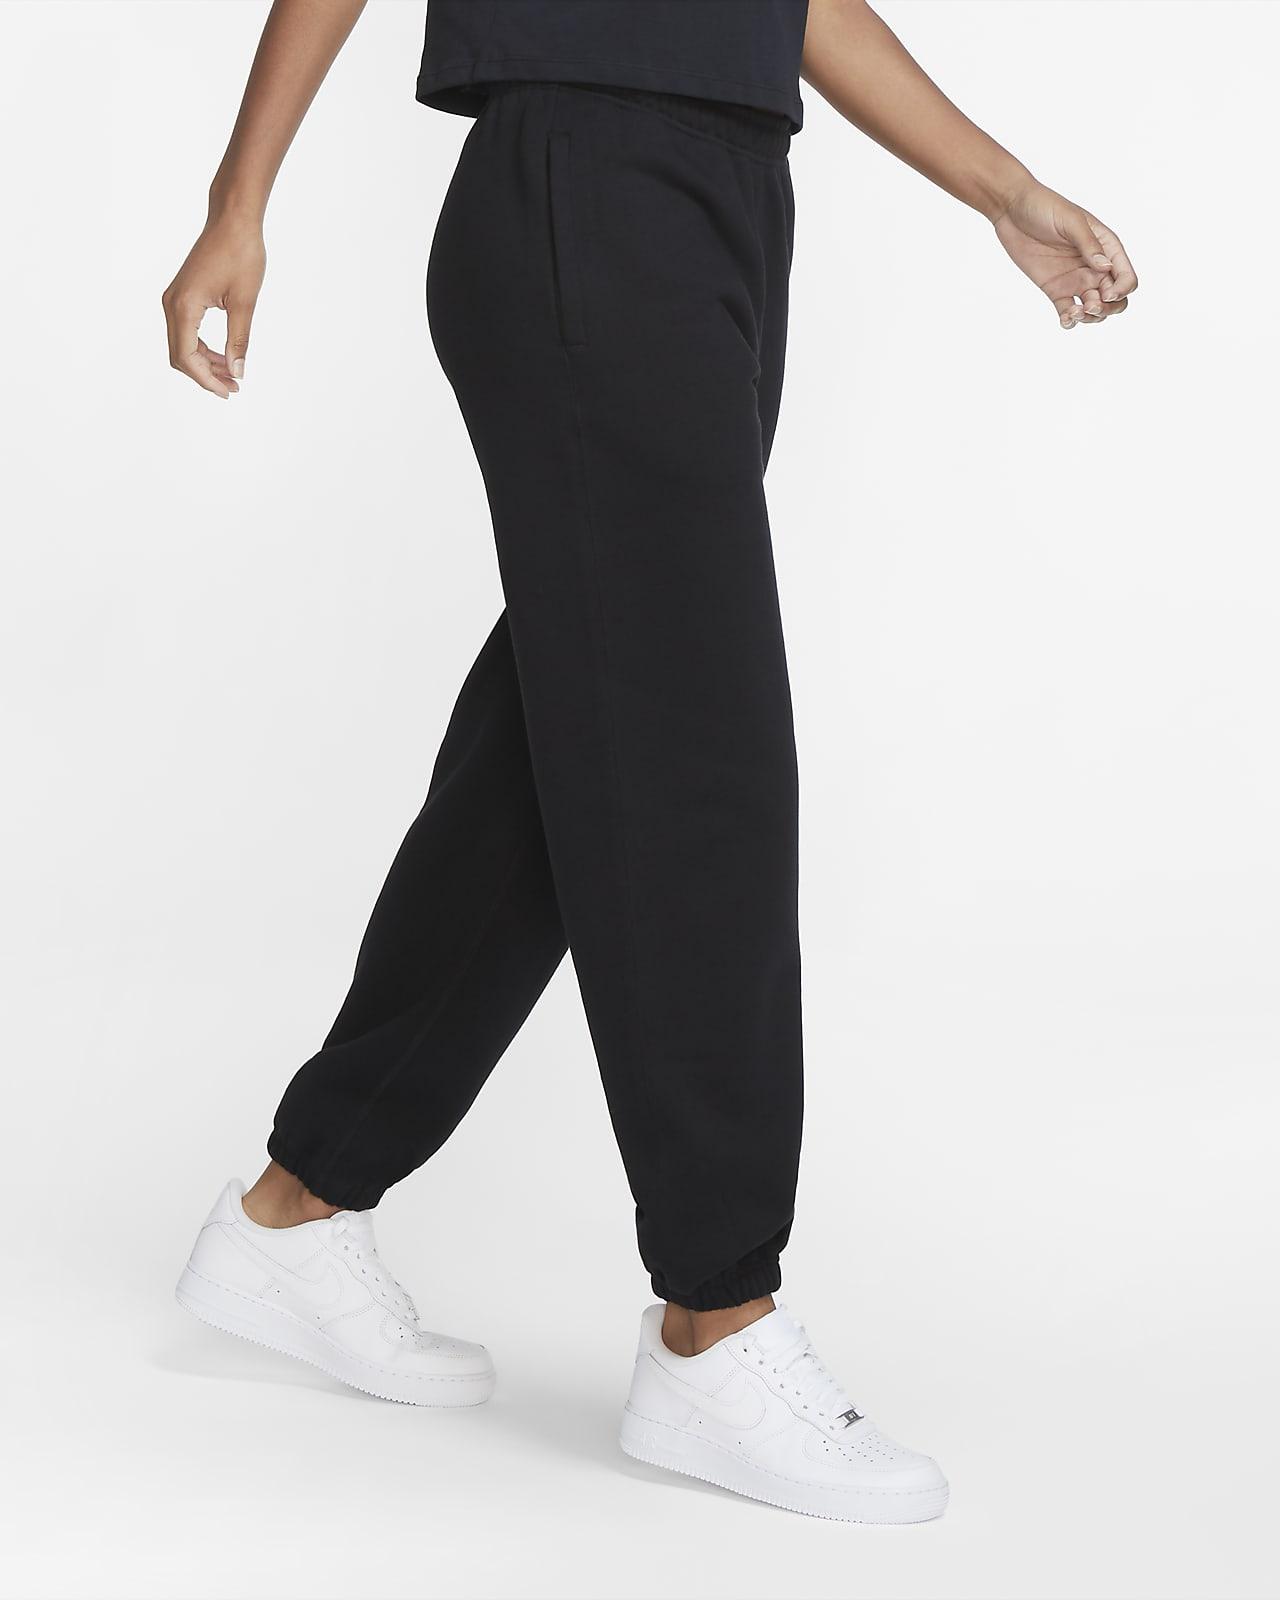 กางเกงขายาวผ้าฟลีซผู้หญิง NikeLab